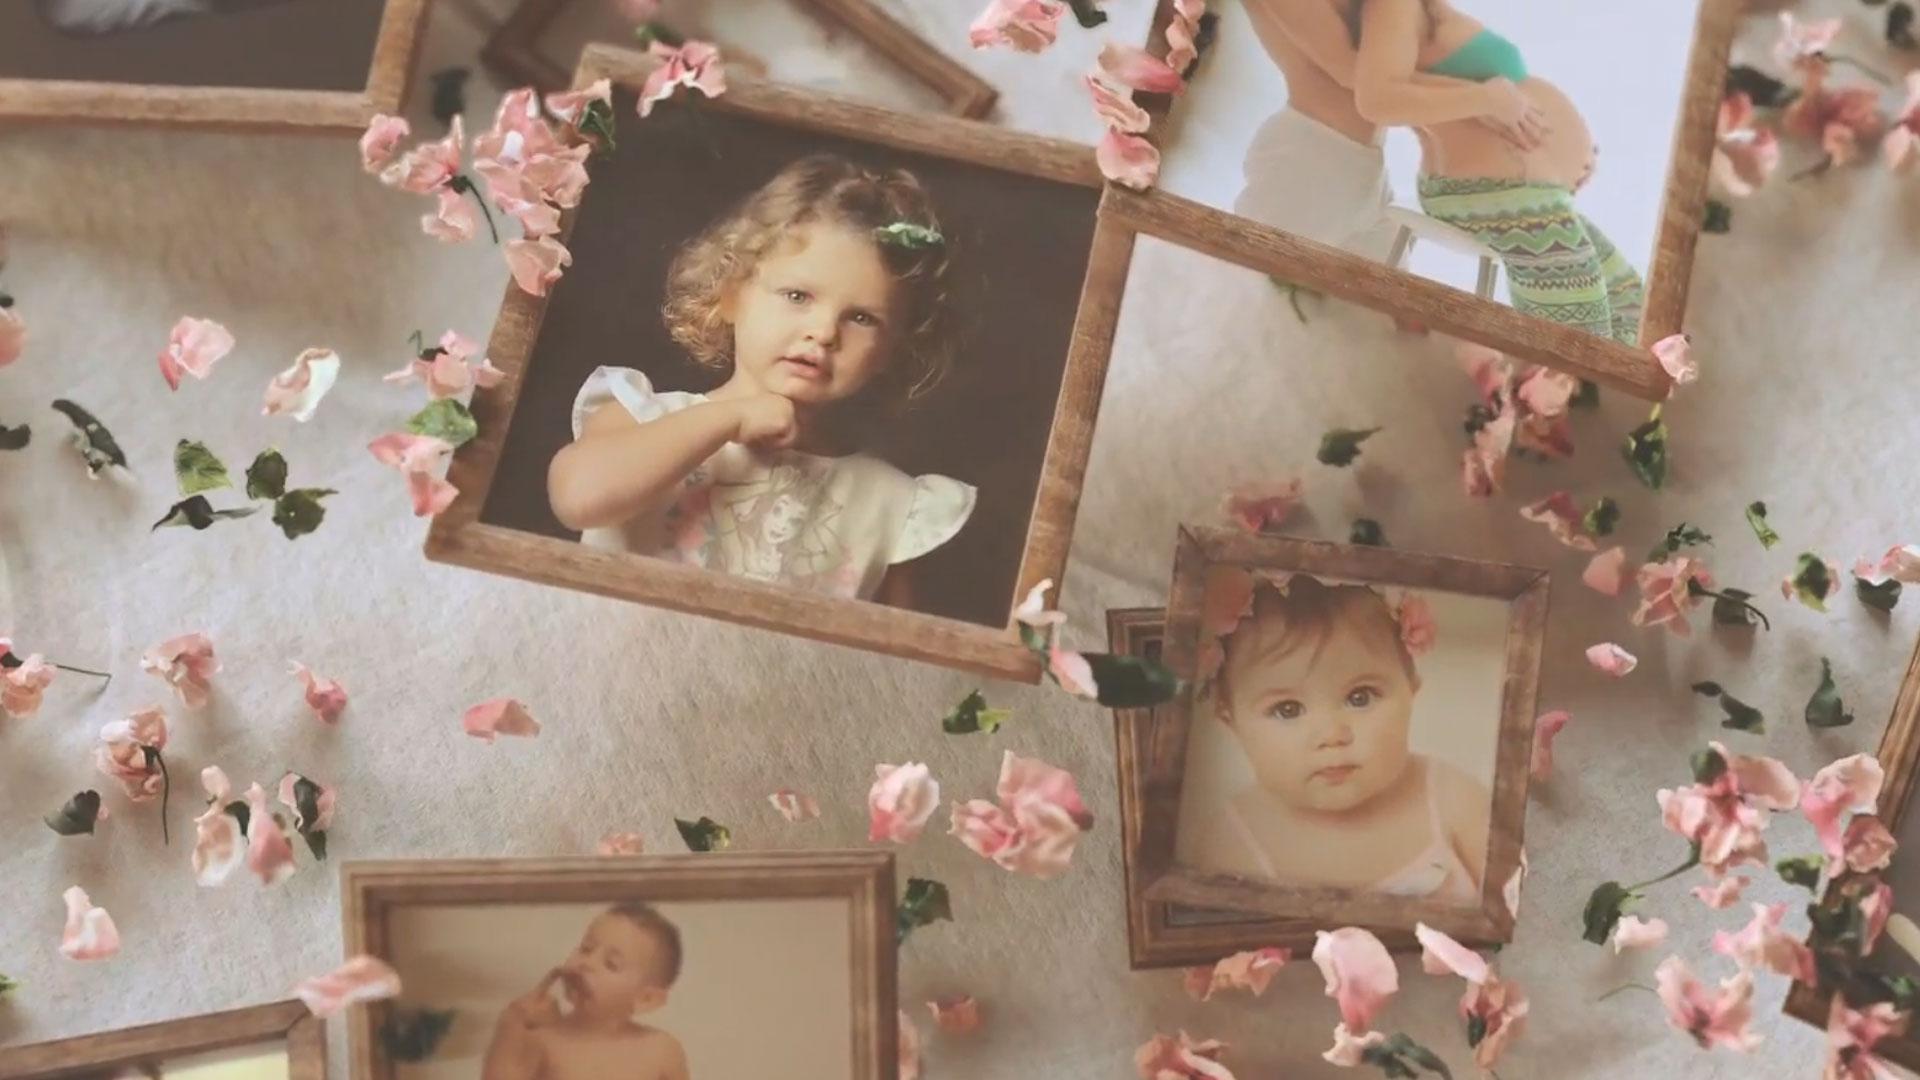 Servizi fotografici professionali per bambini e donne in gravidanza – Video Promo